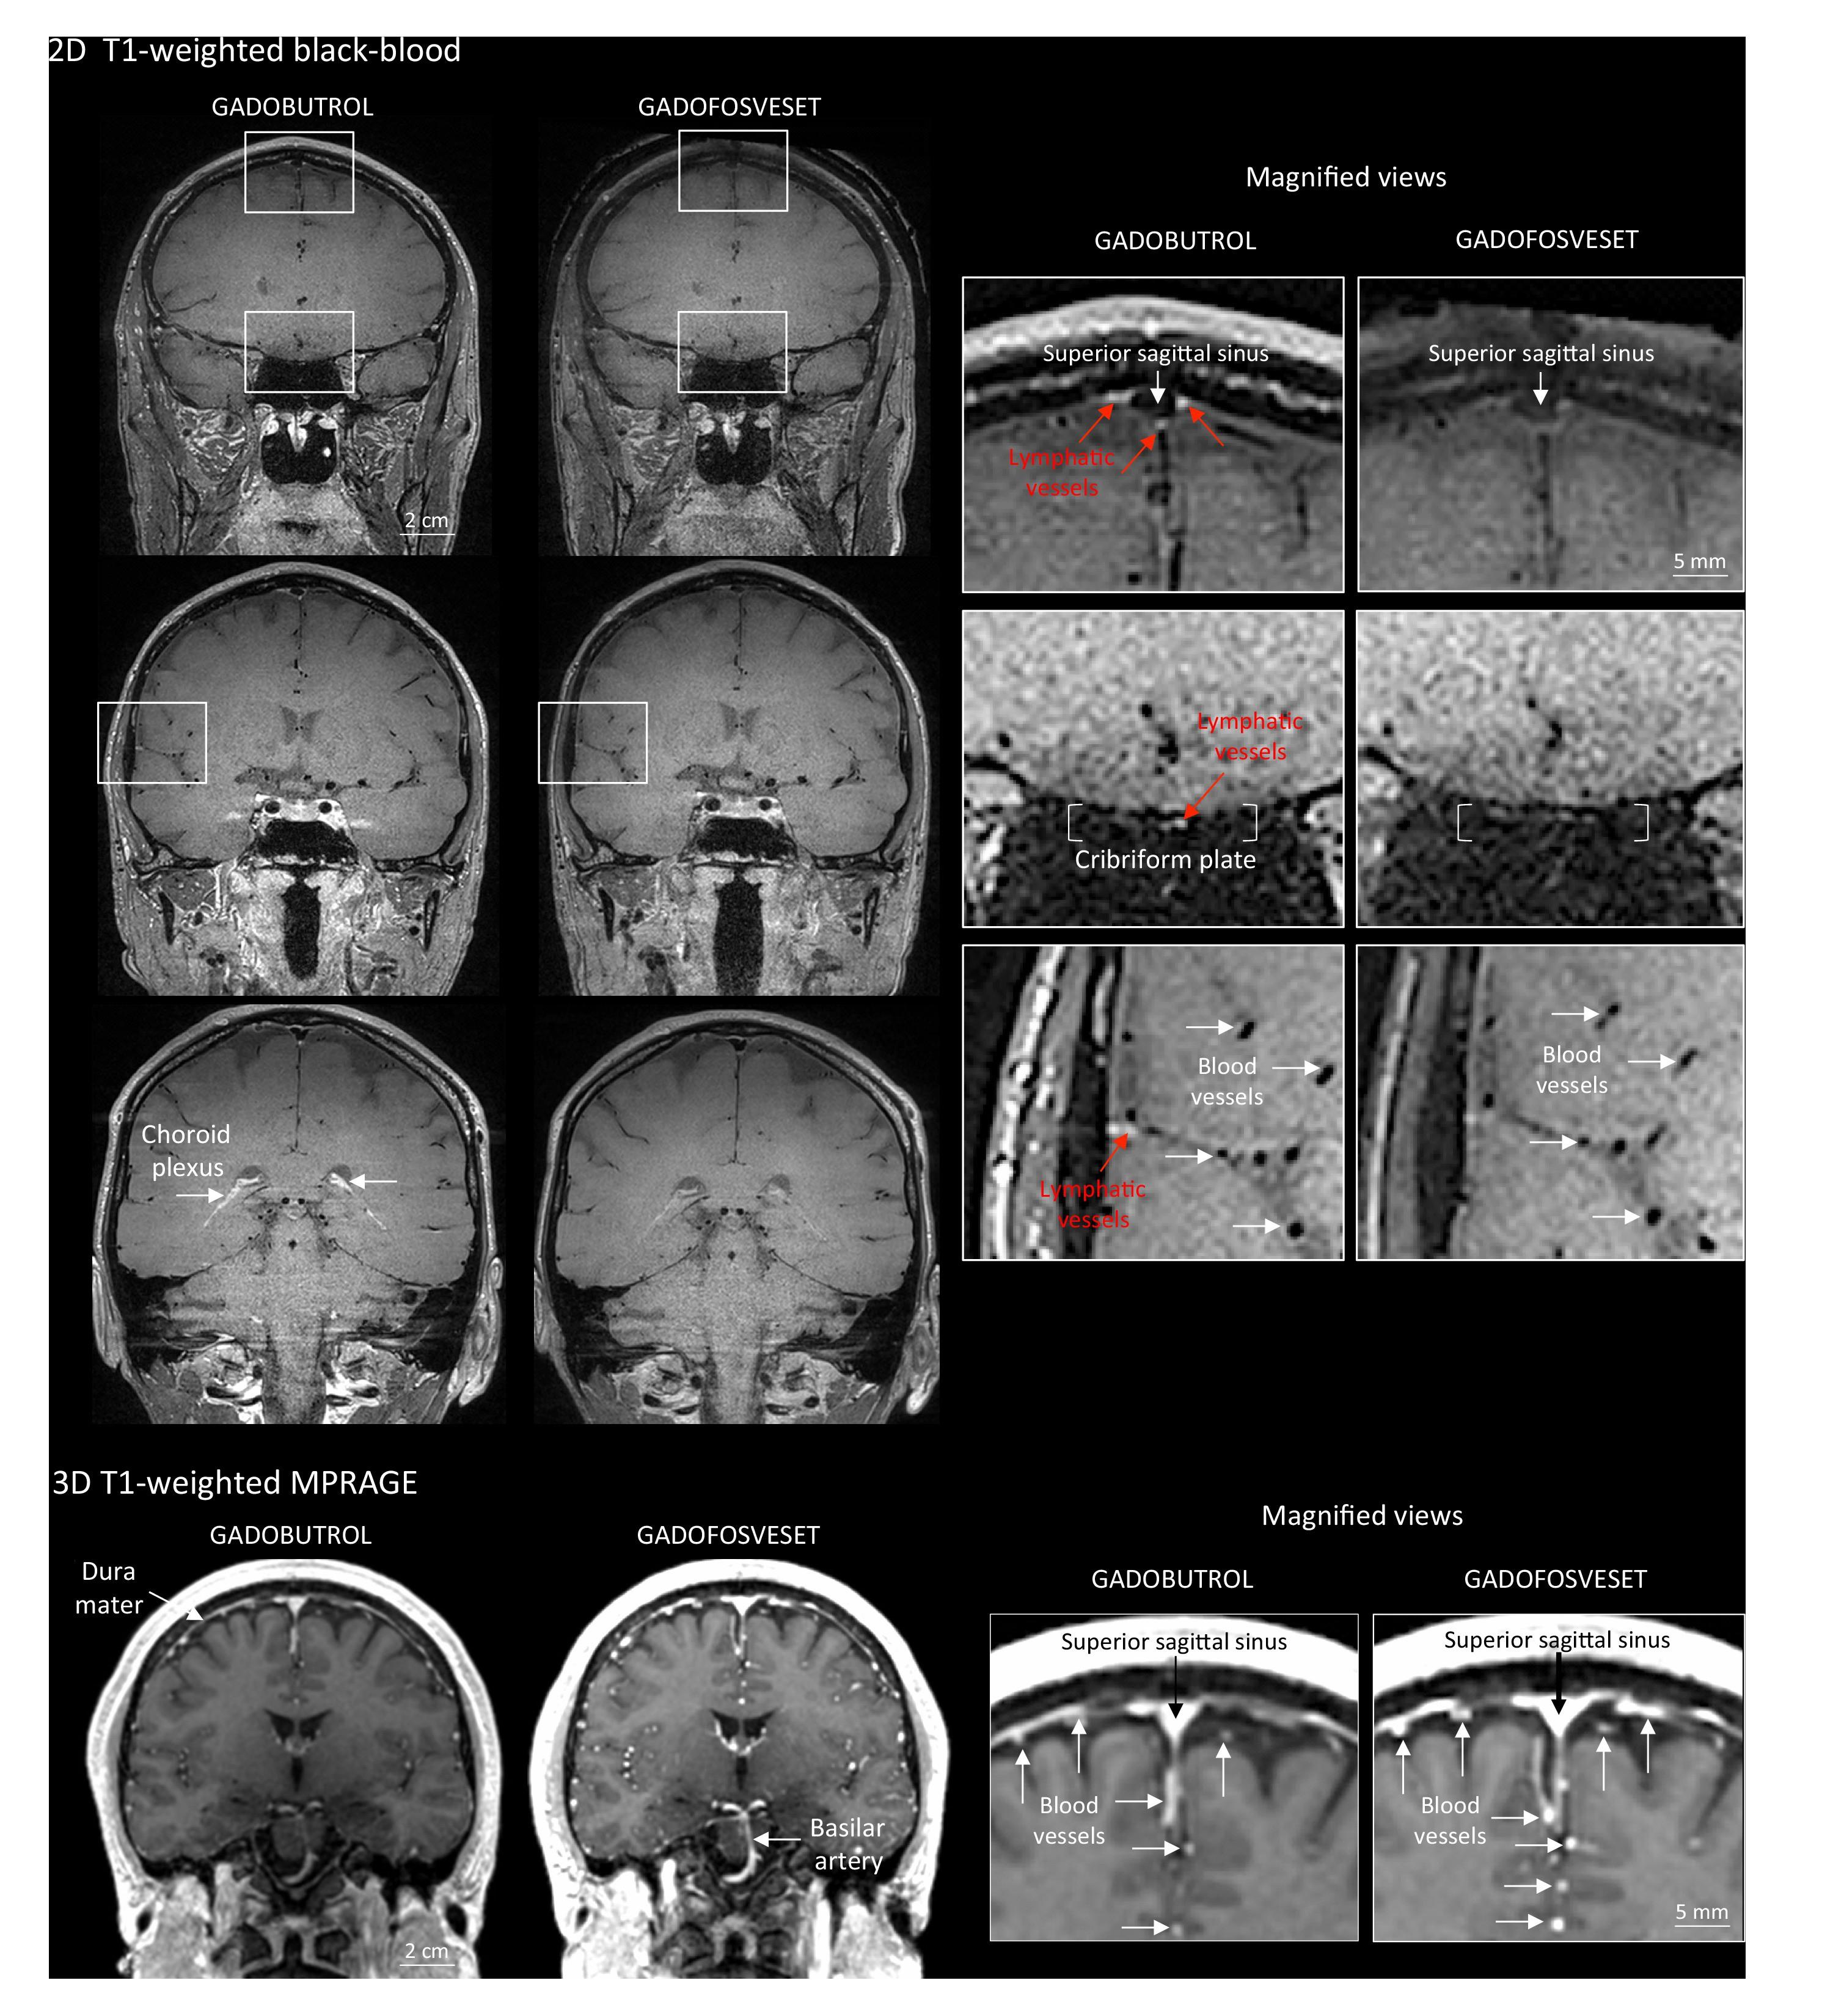 סריקות ה-MRI. מערכת הלימפה מסומנת באדום